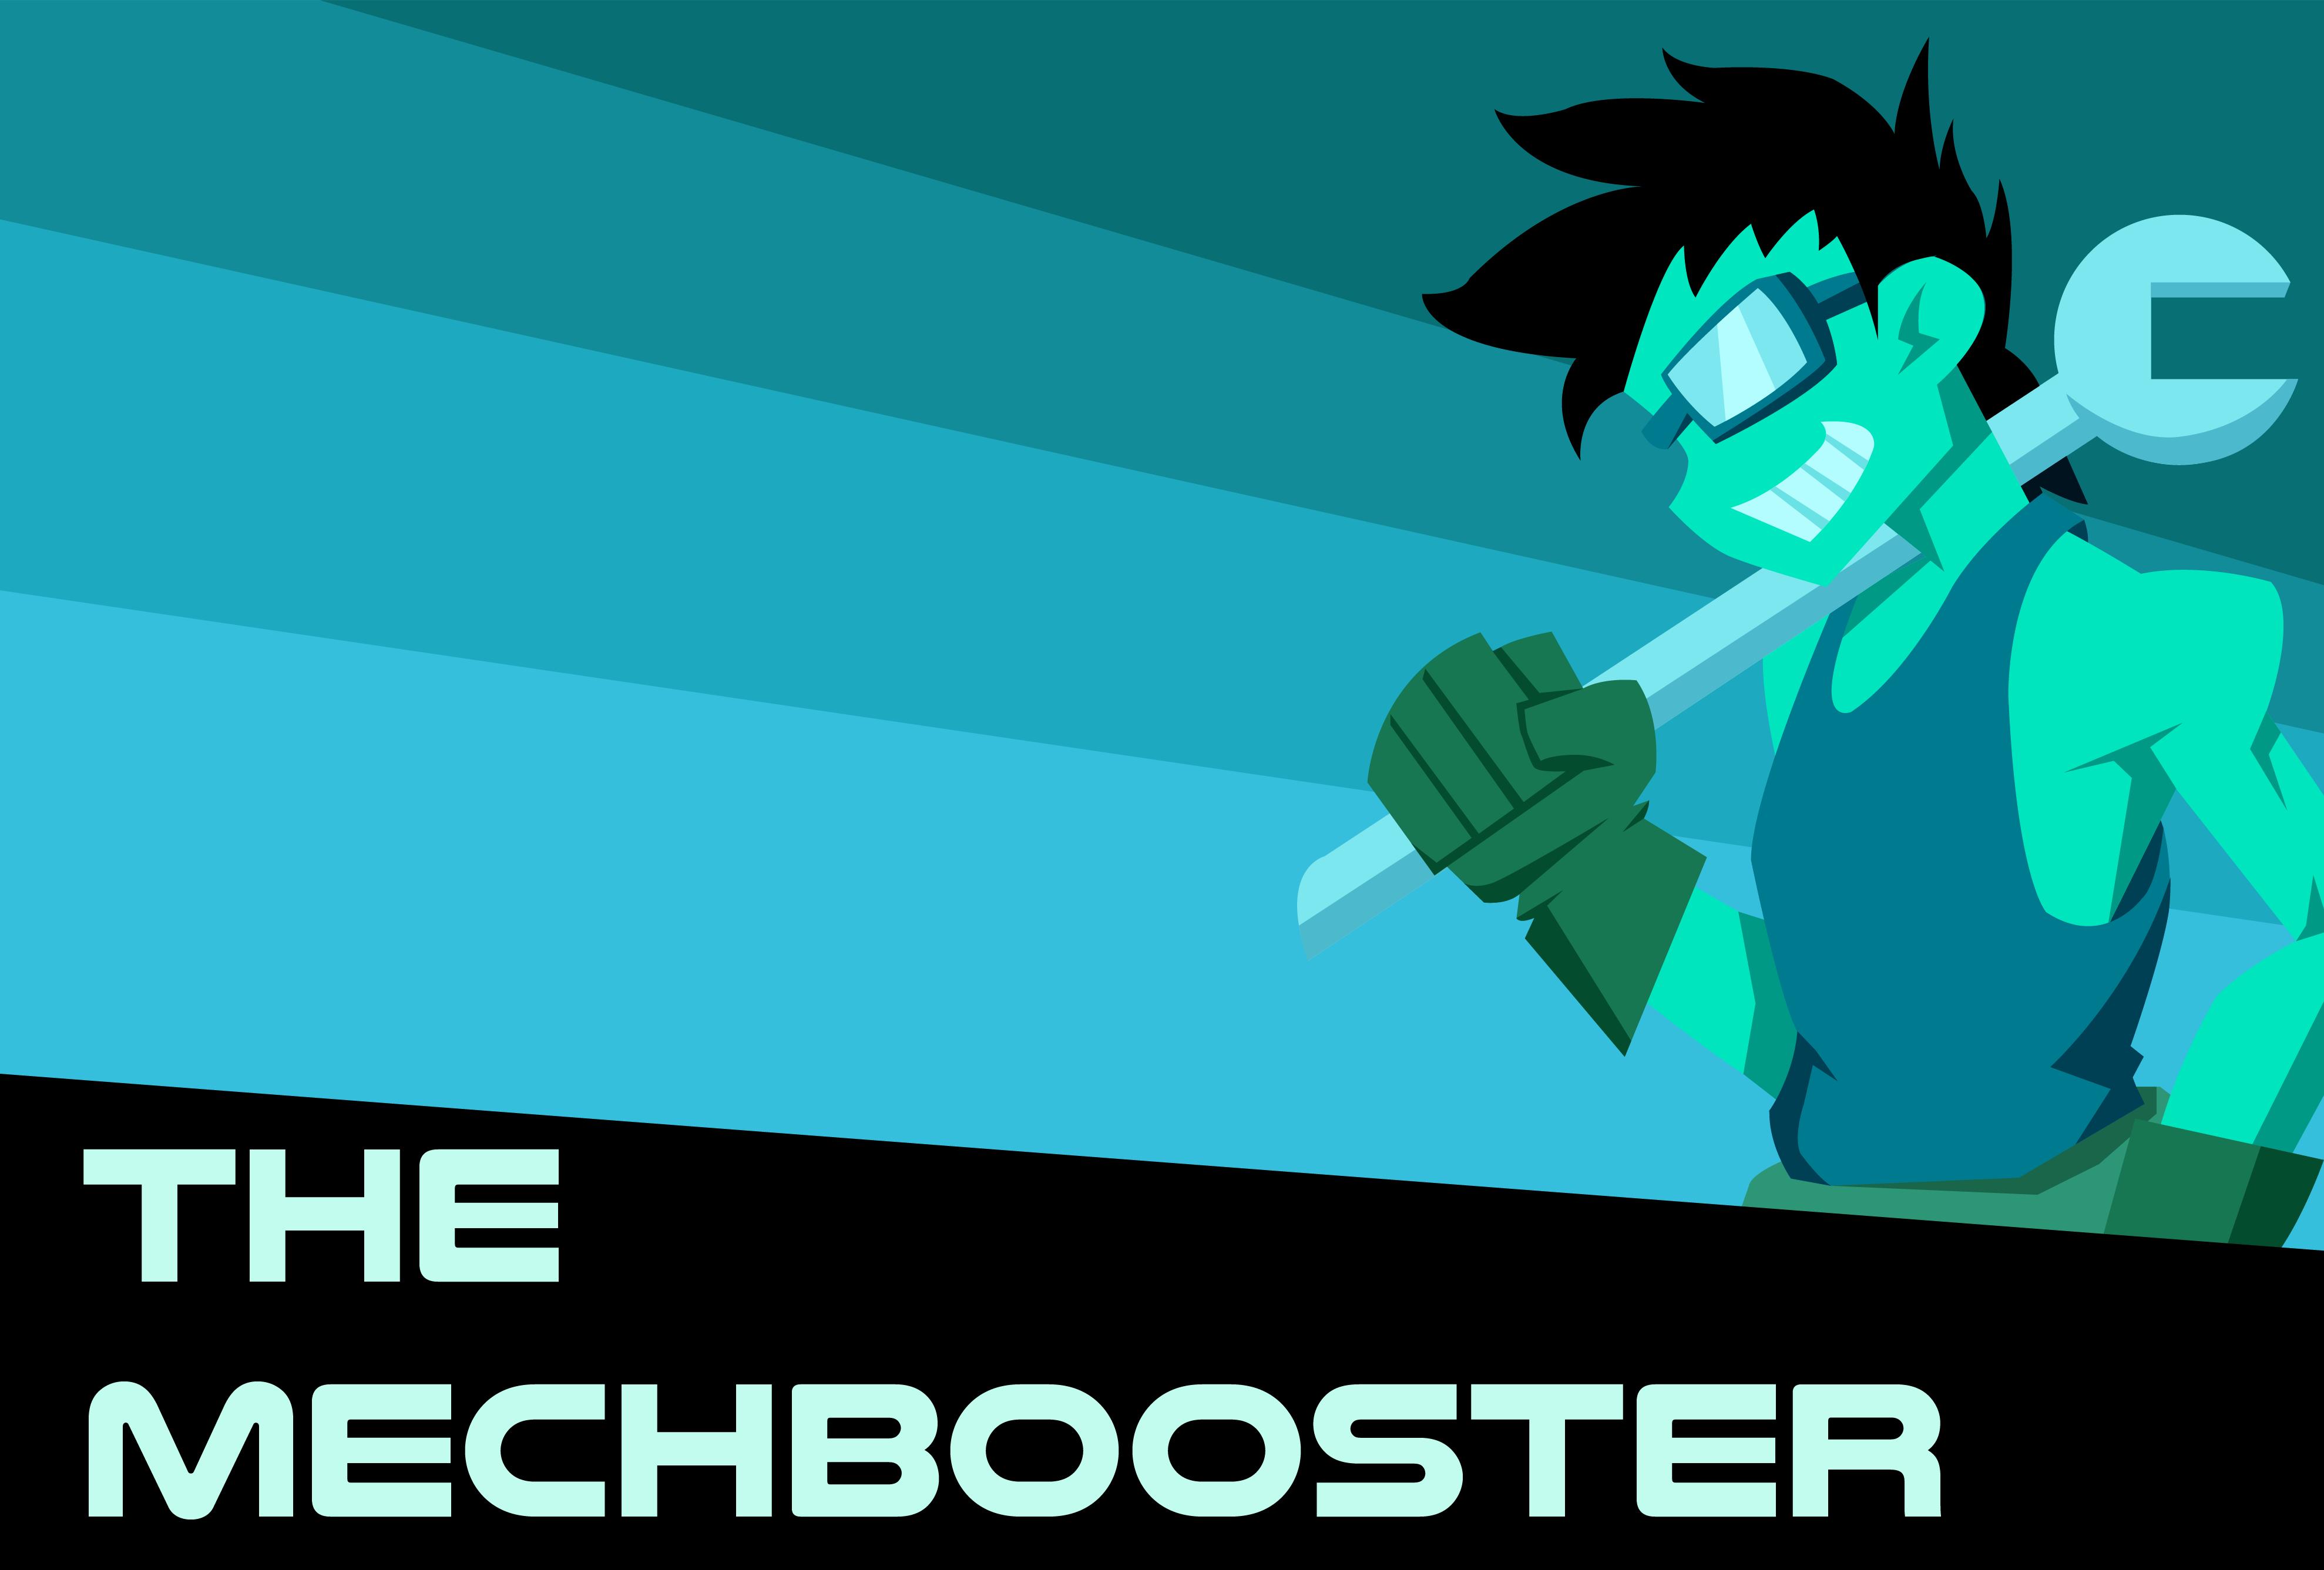 The Mech Booster